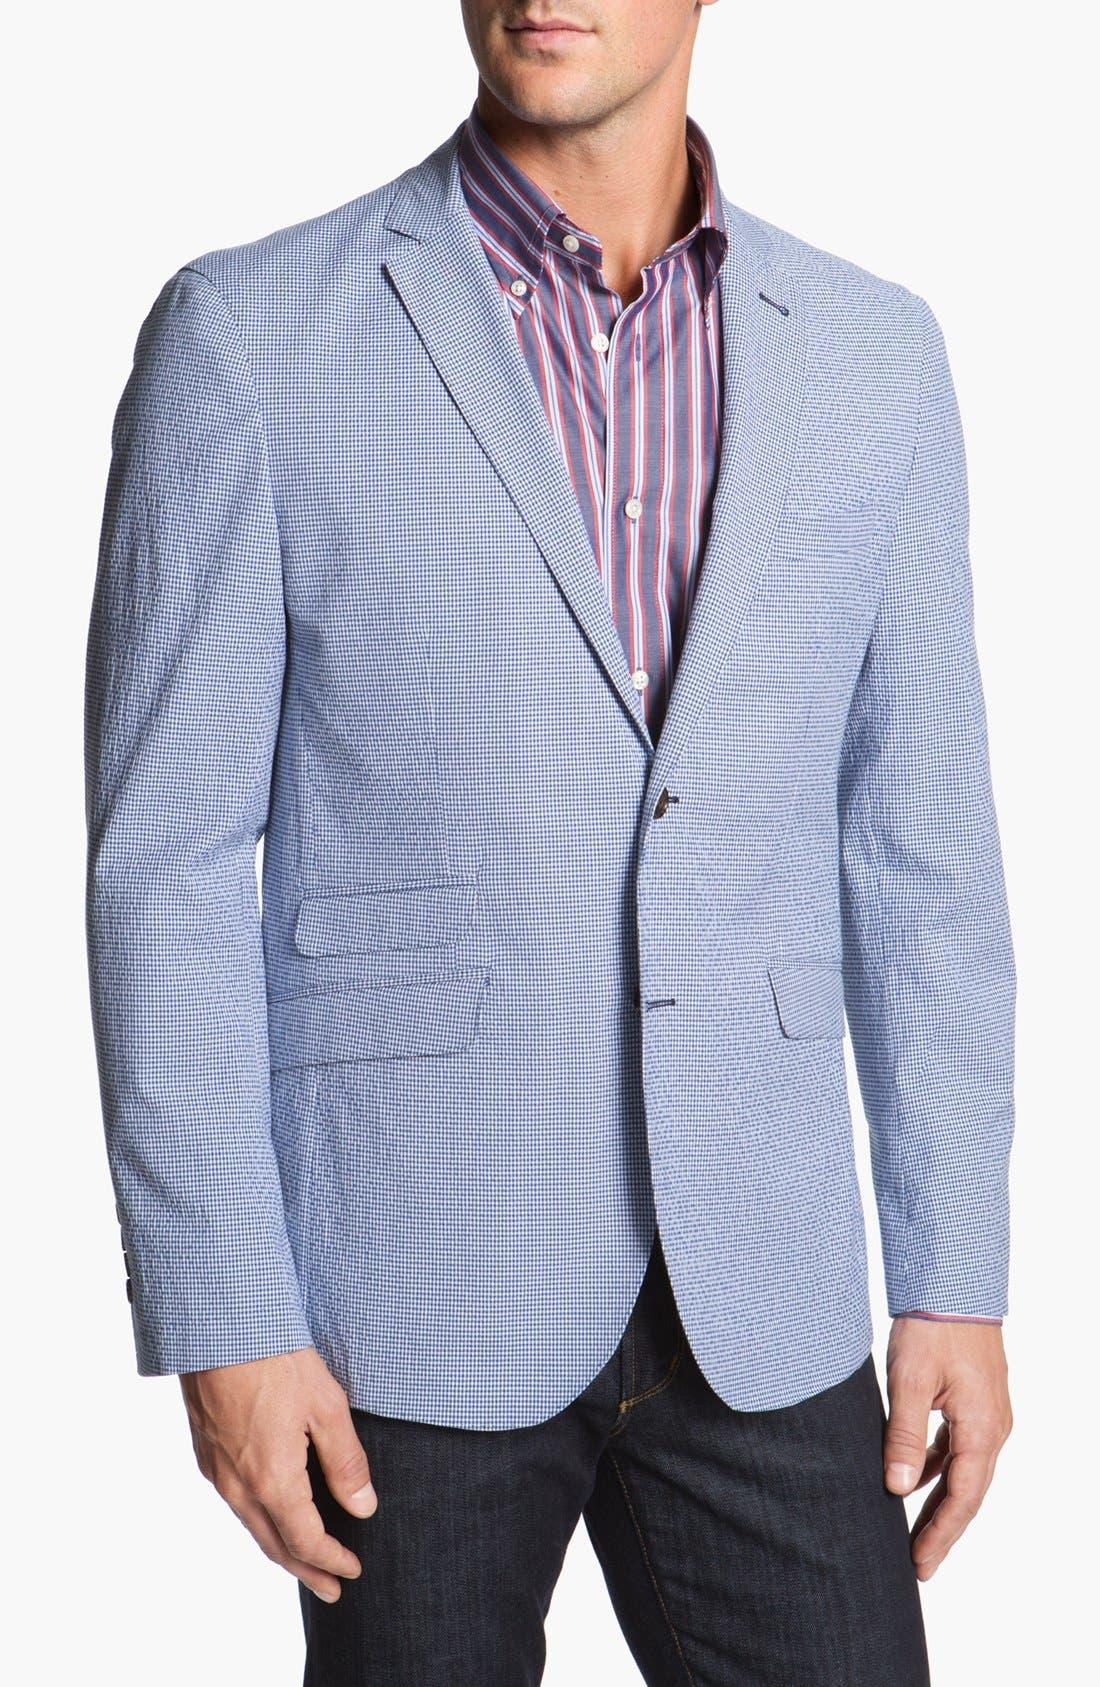 Main Image - Façonnable 'Veste' Sportcoat